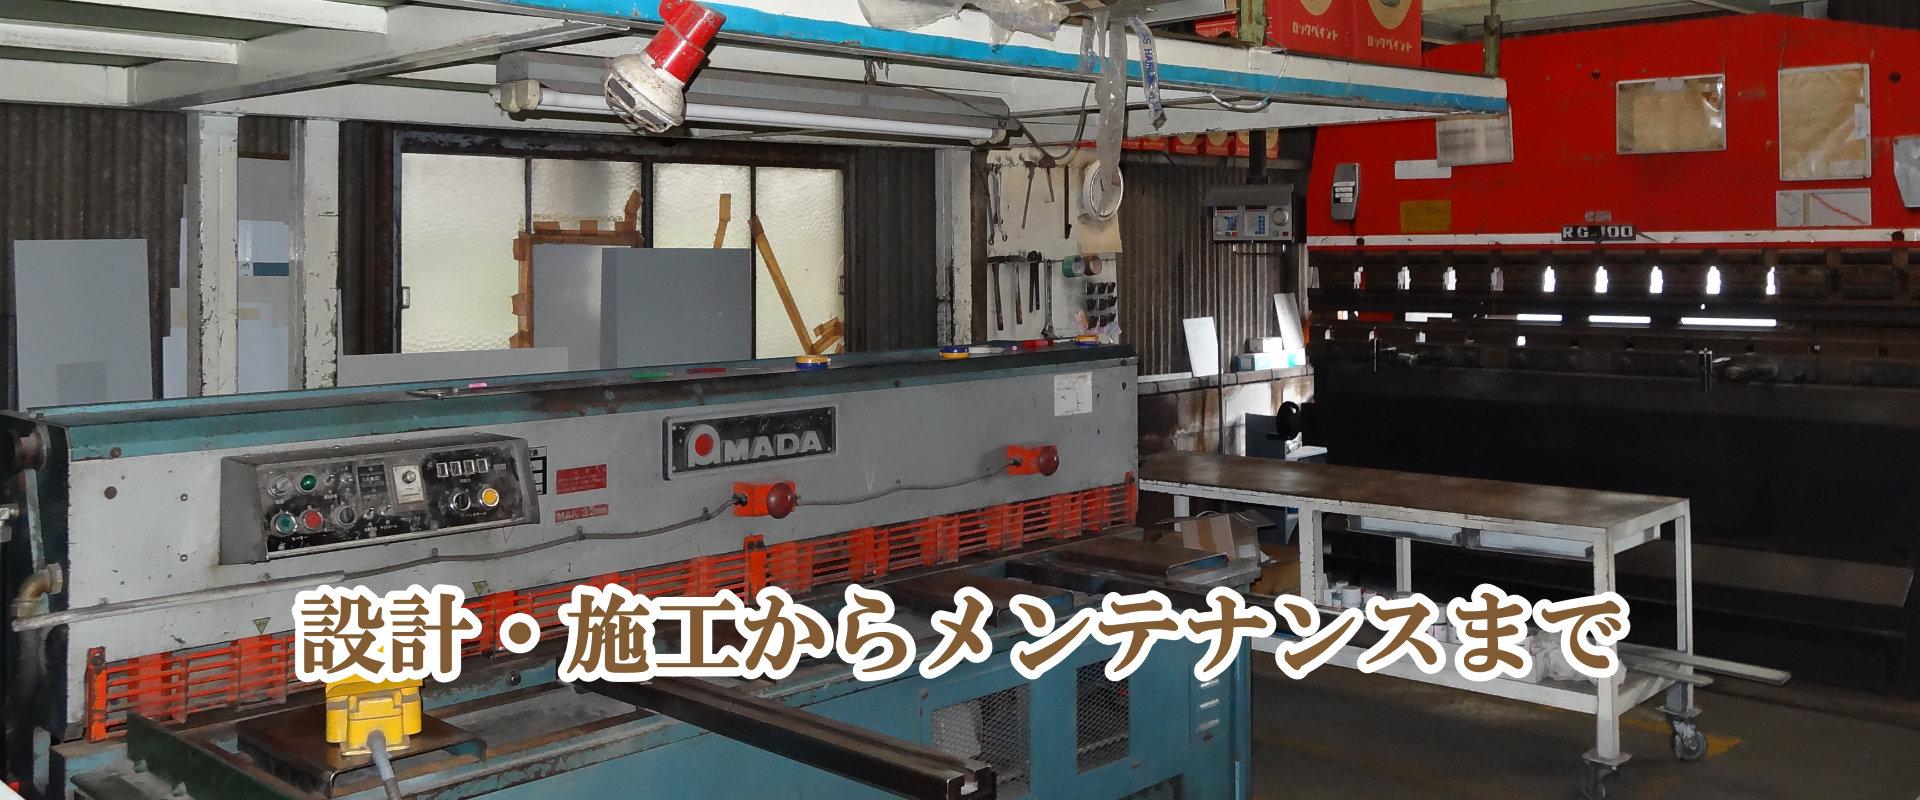 関西シャッター工事株式会社2